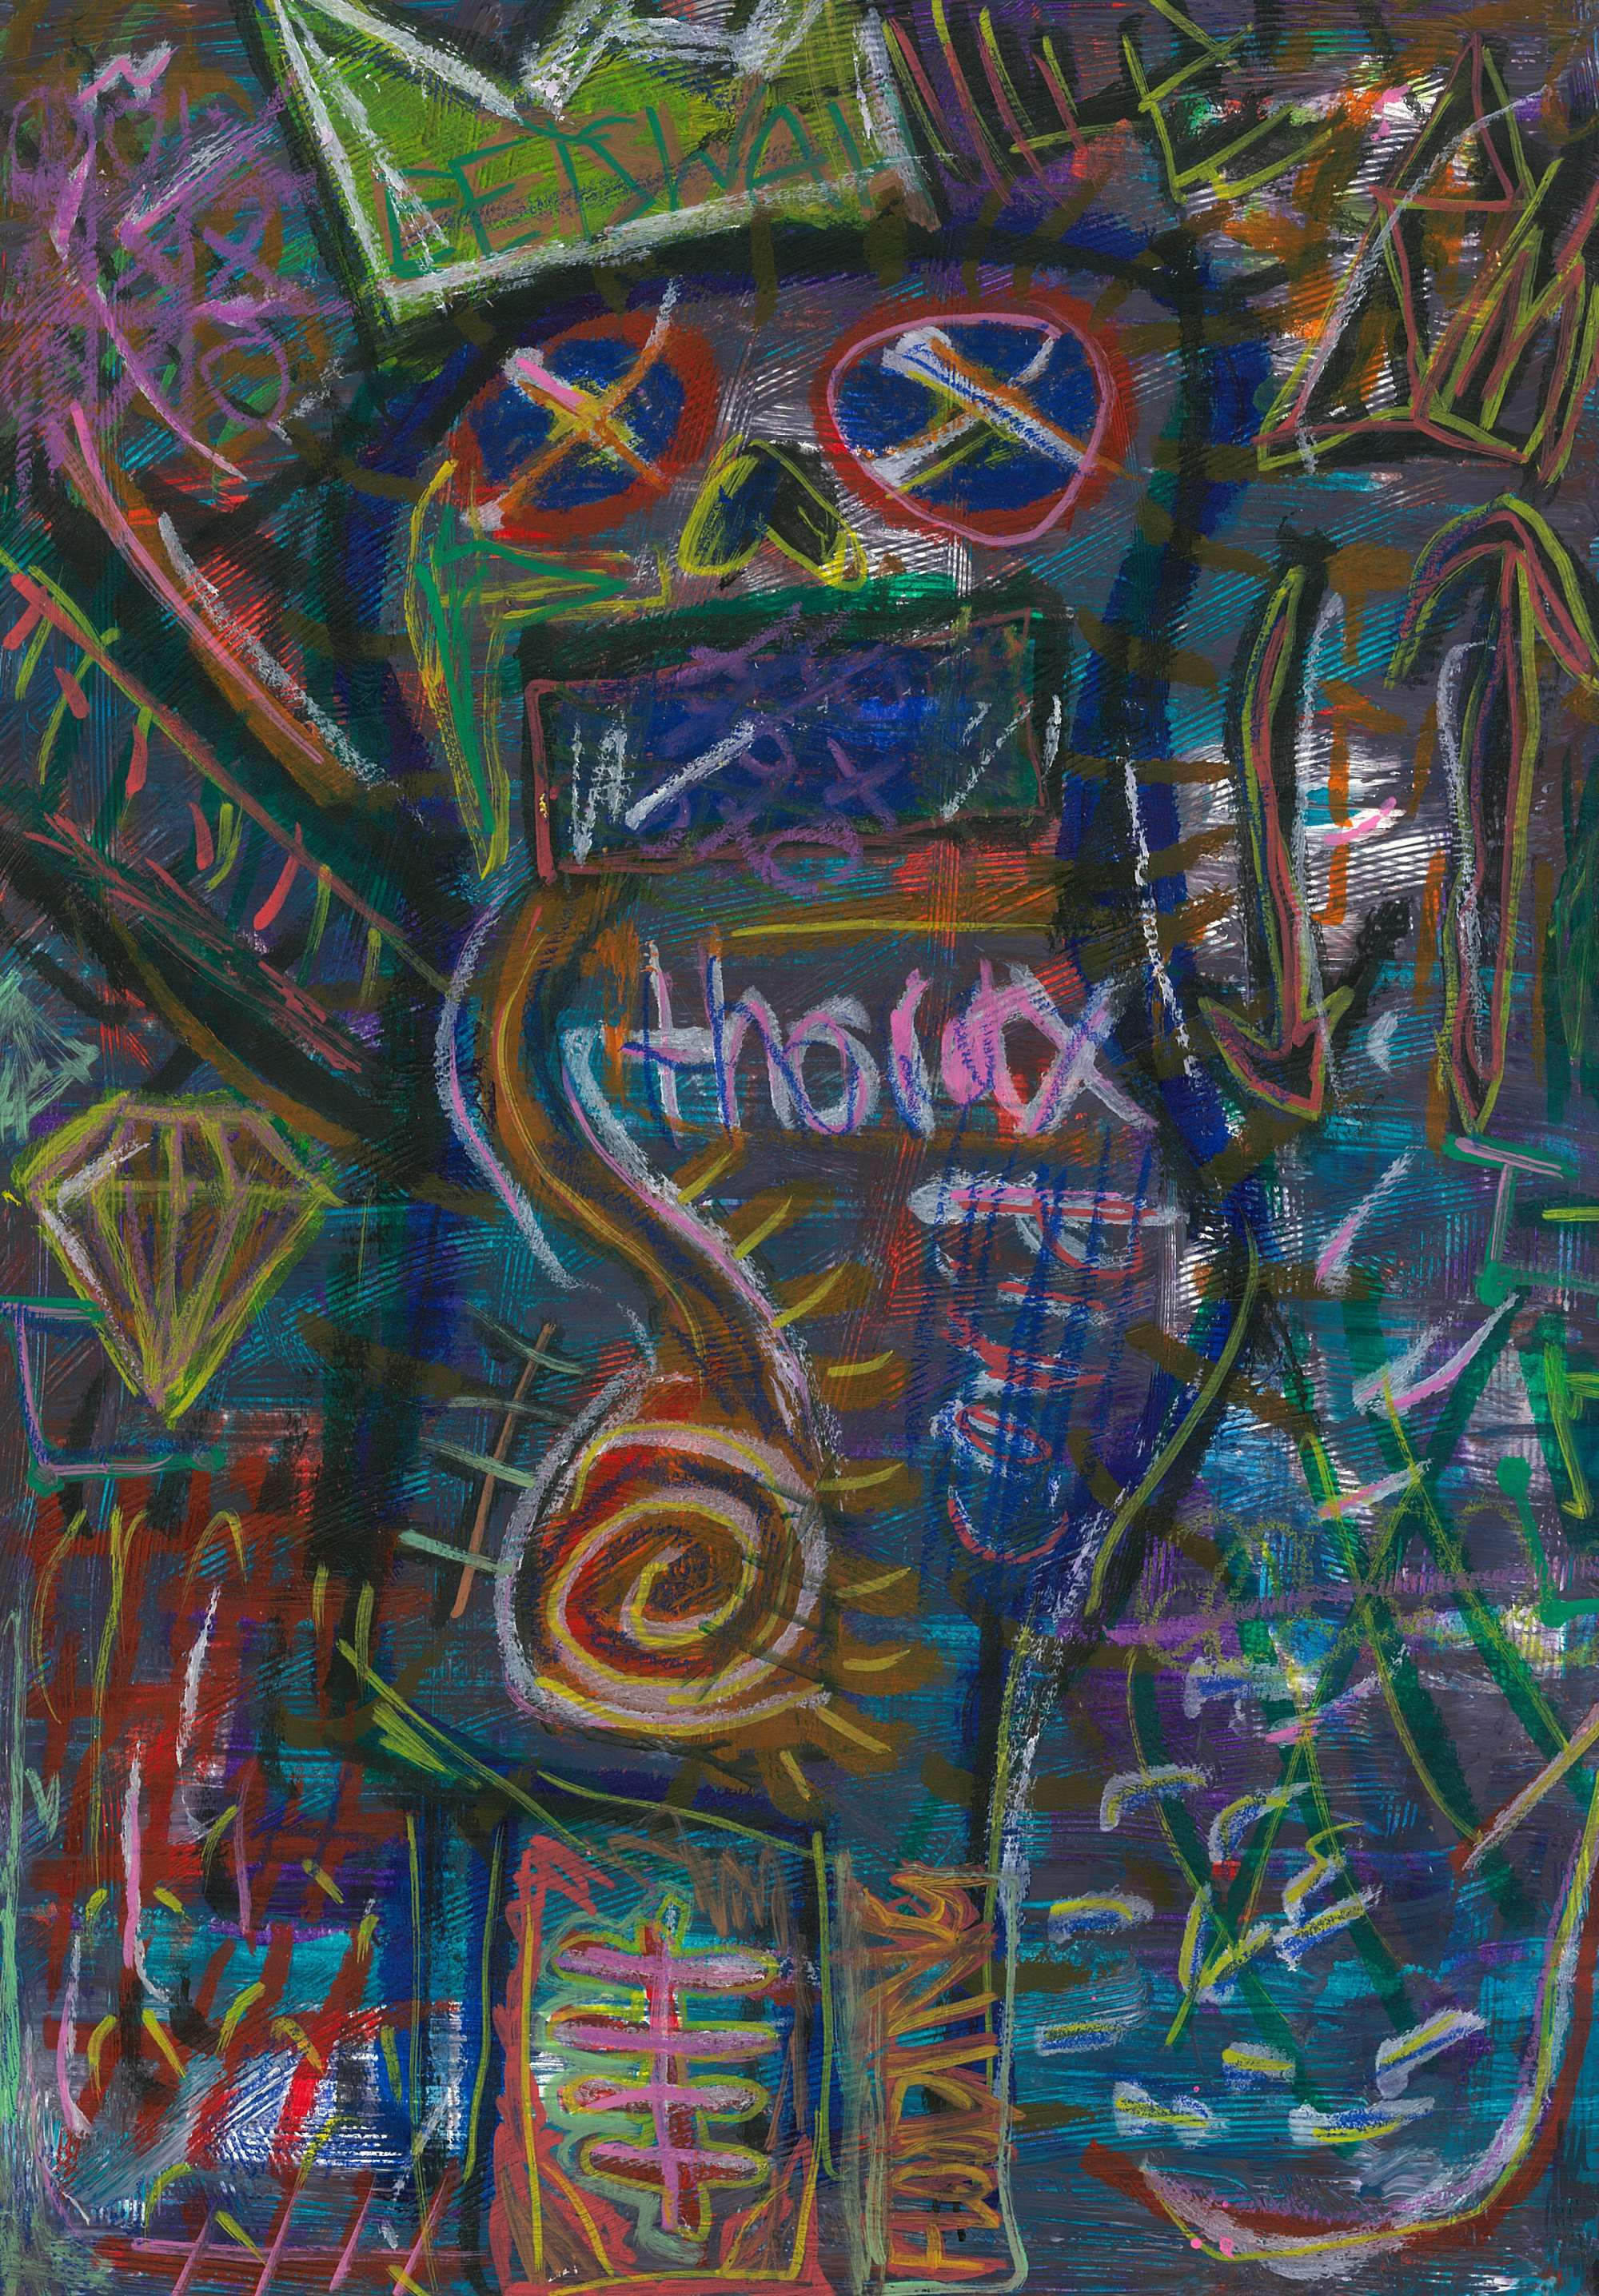 King Thorax